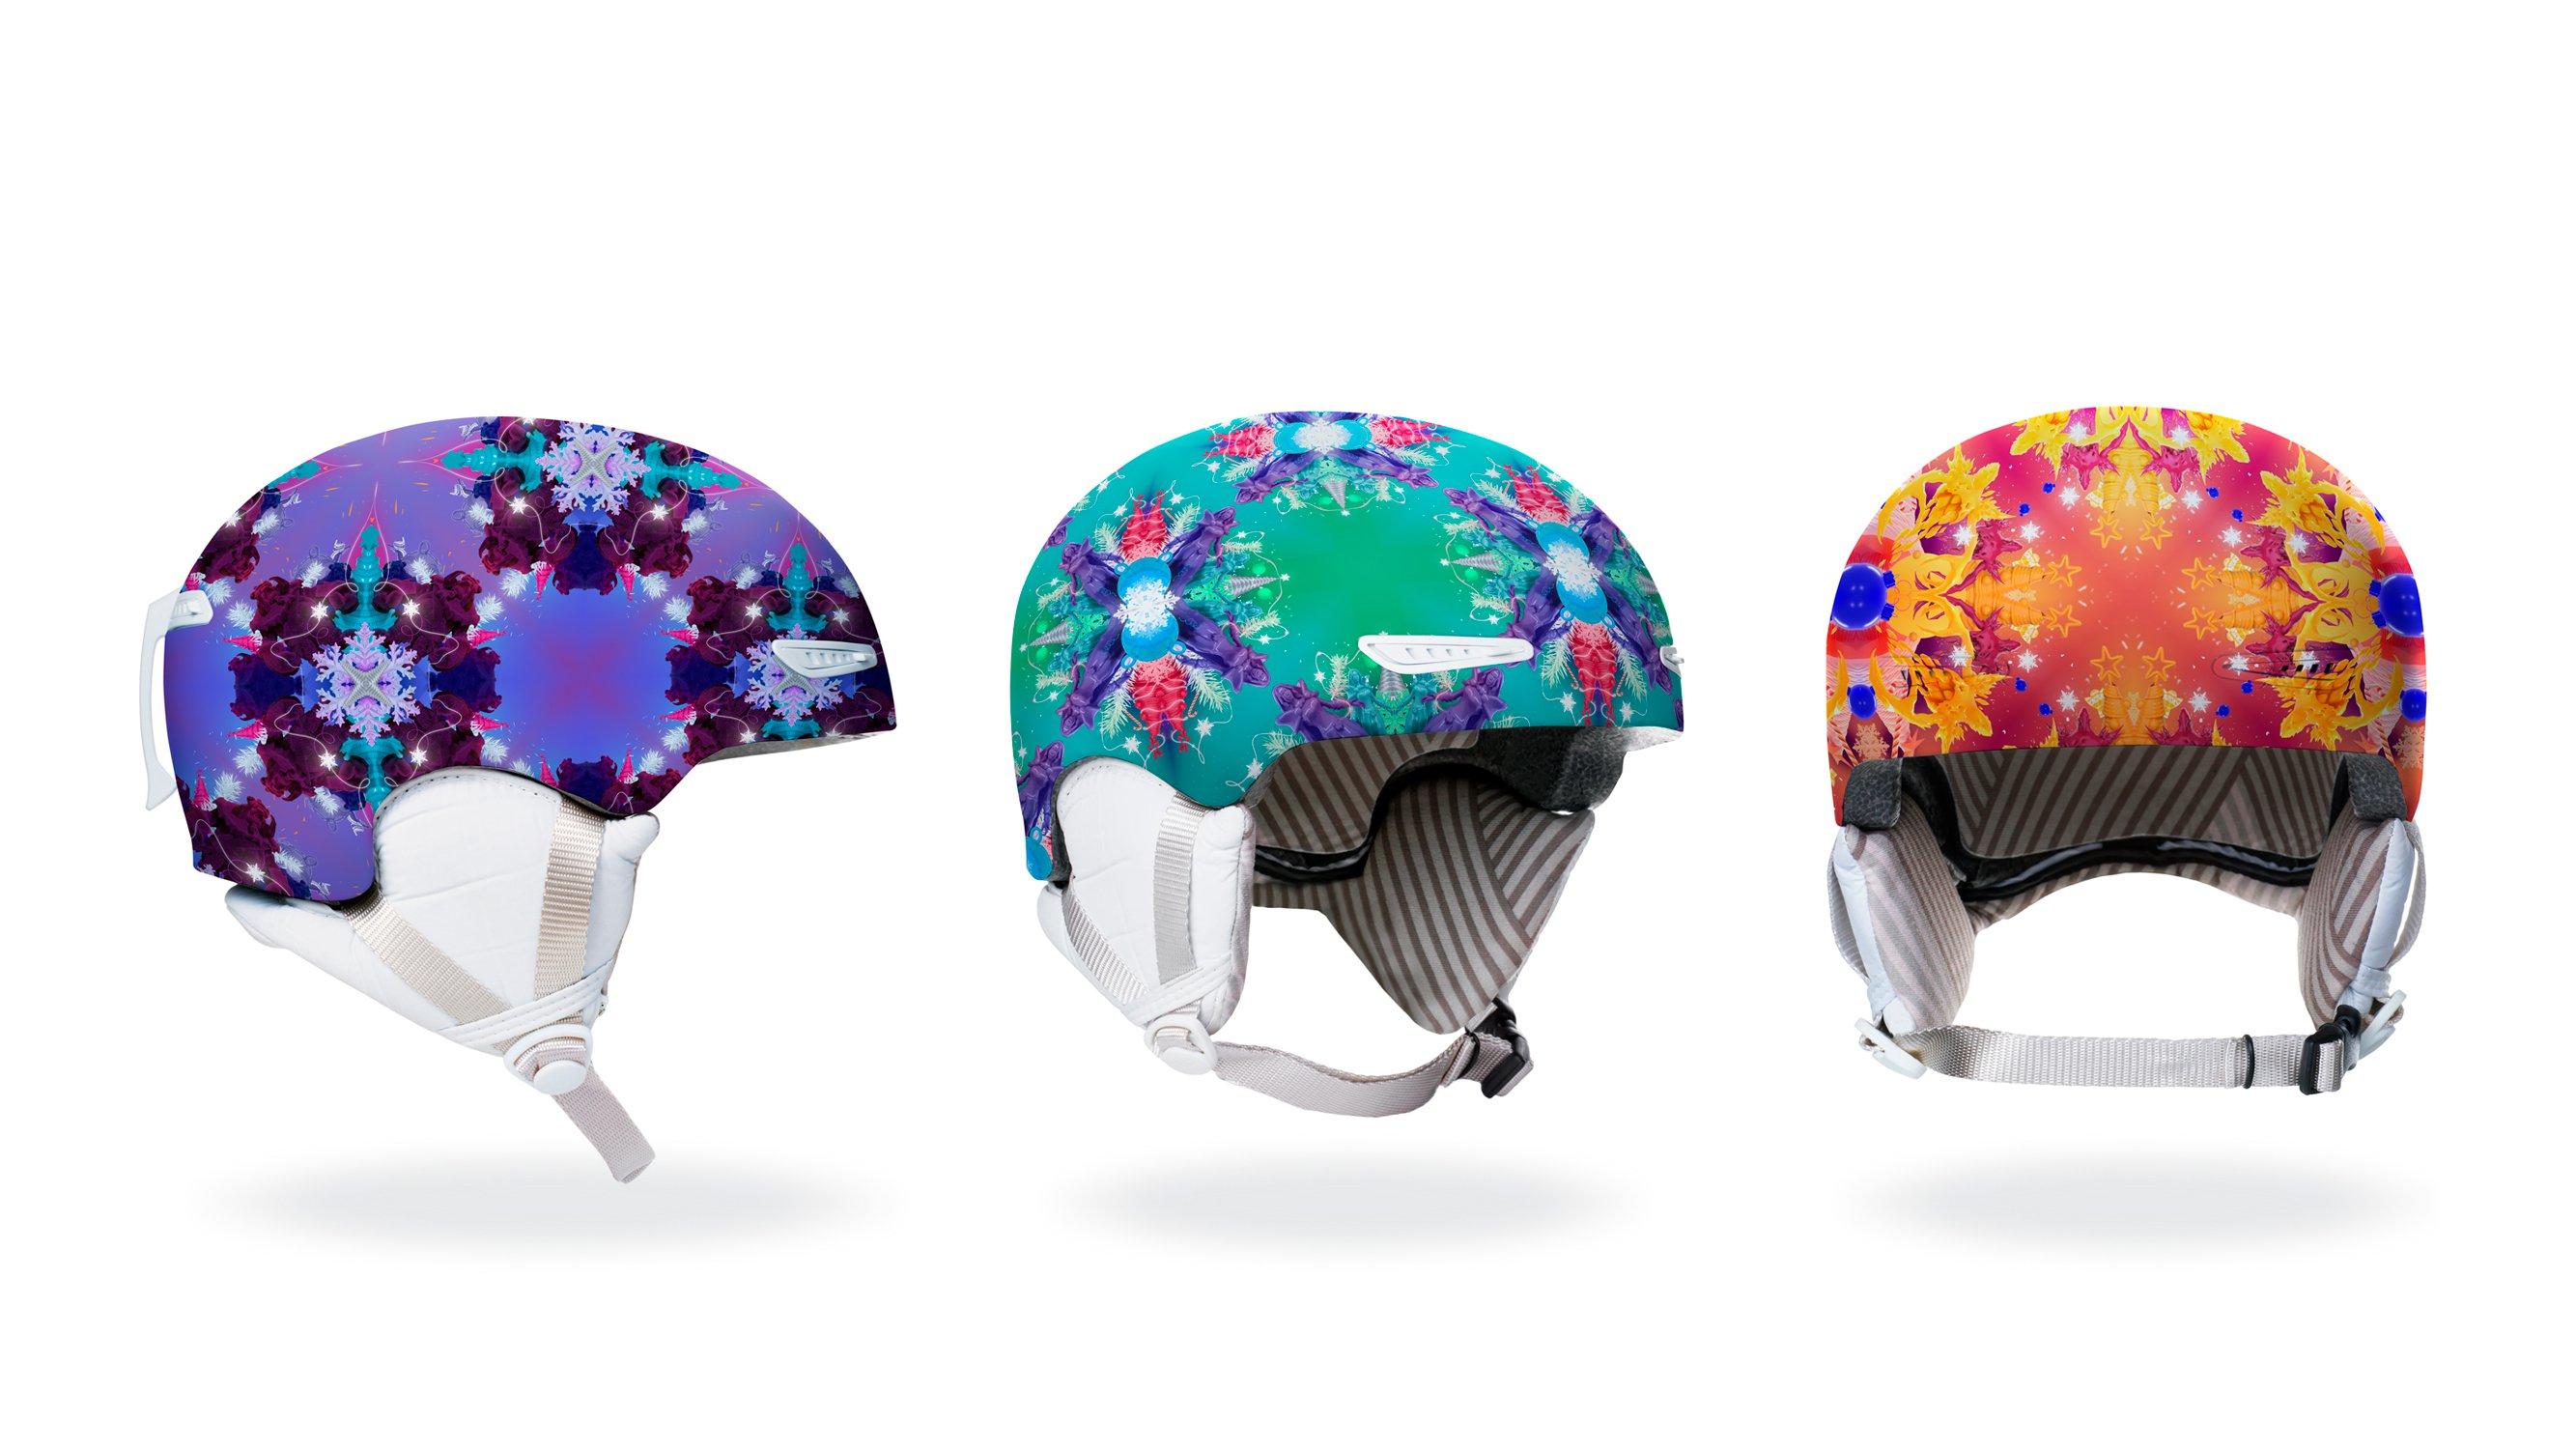 branding helmet